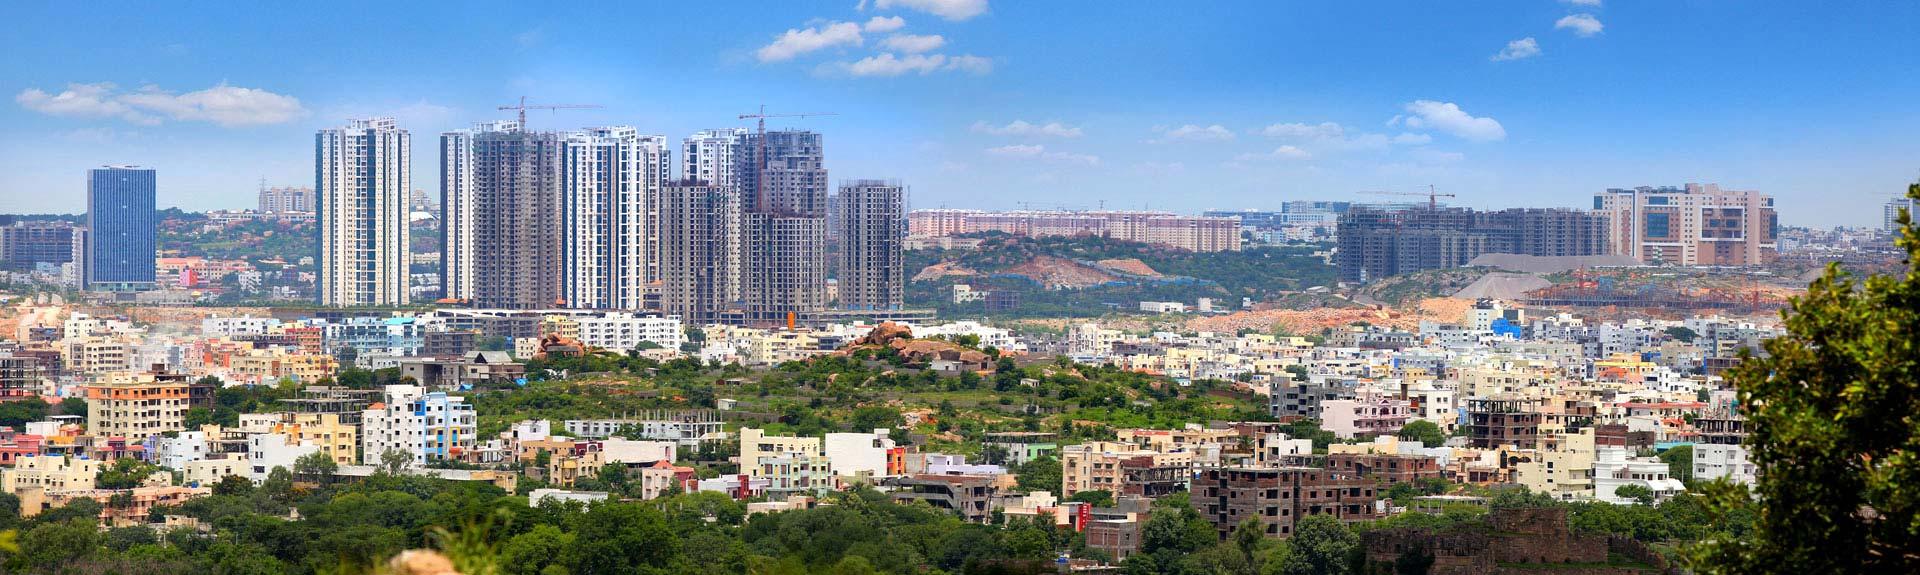 Urbanization-Health-Well-Being-Sustainable-Development-Goals